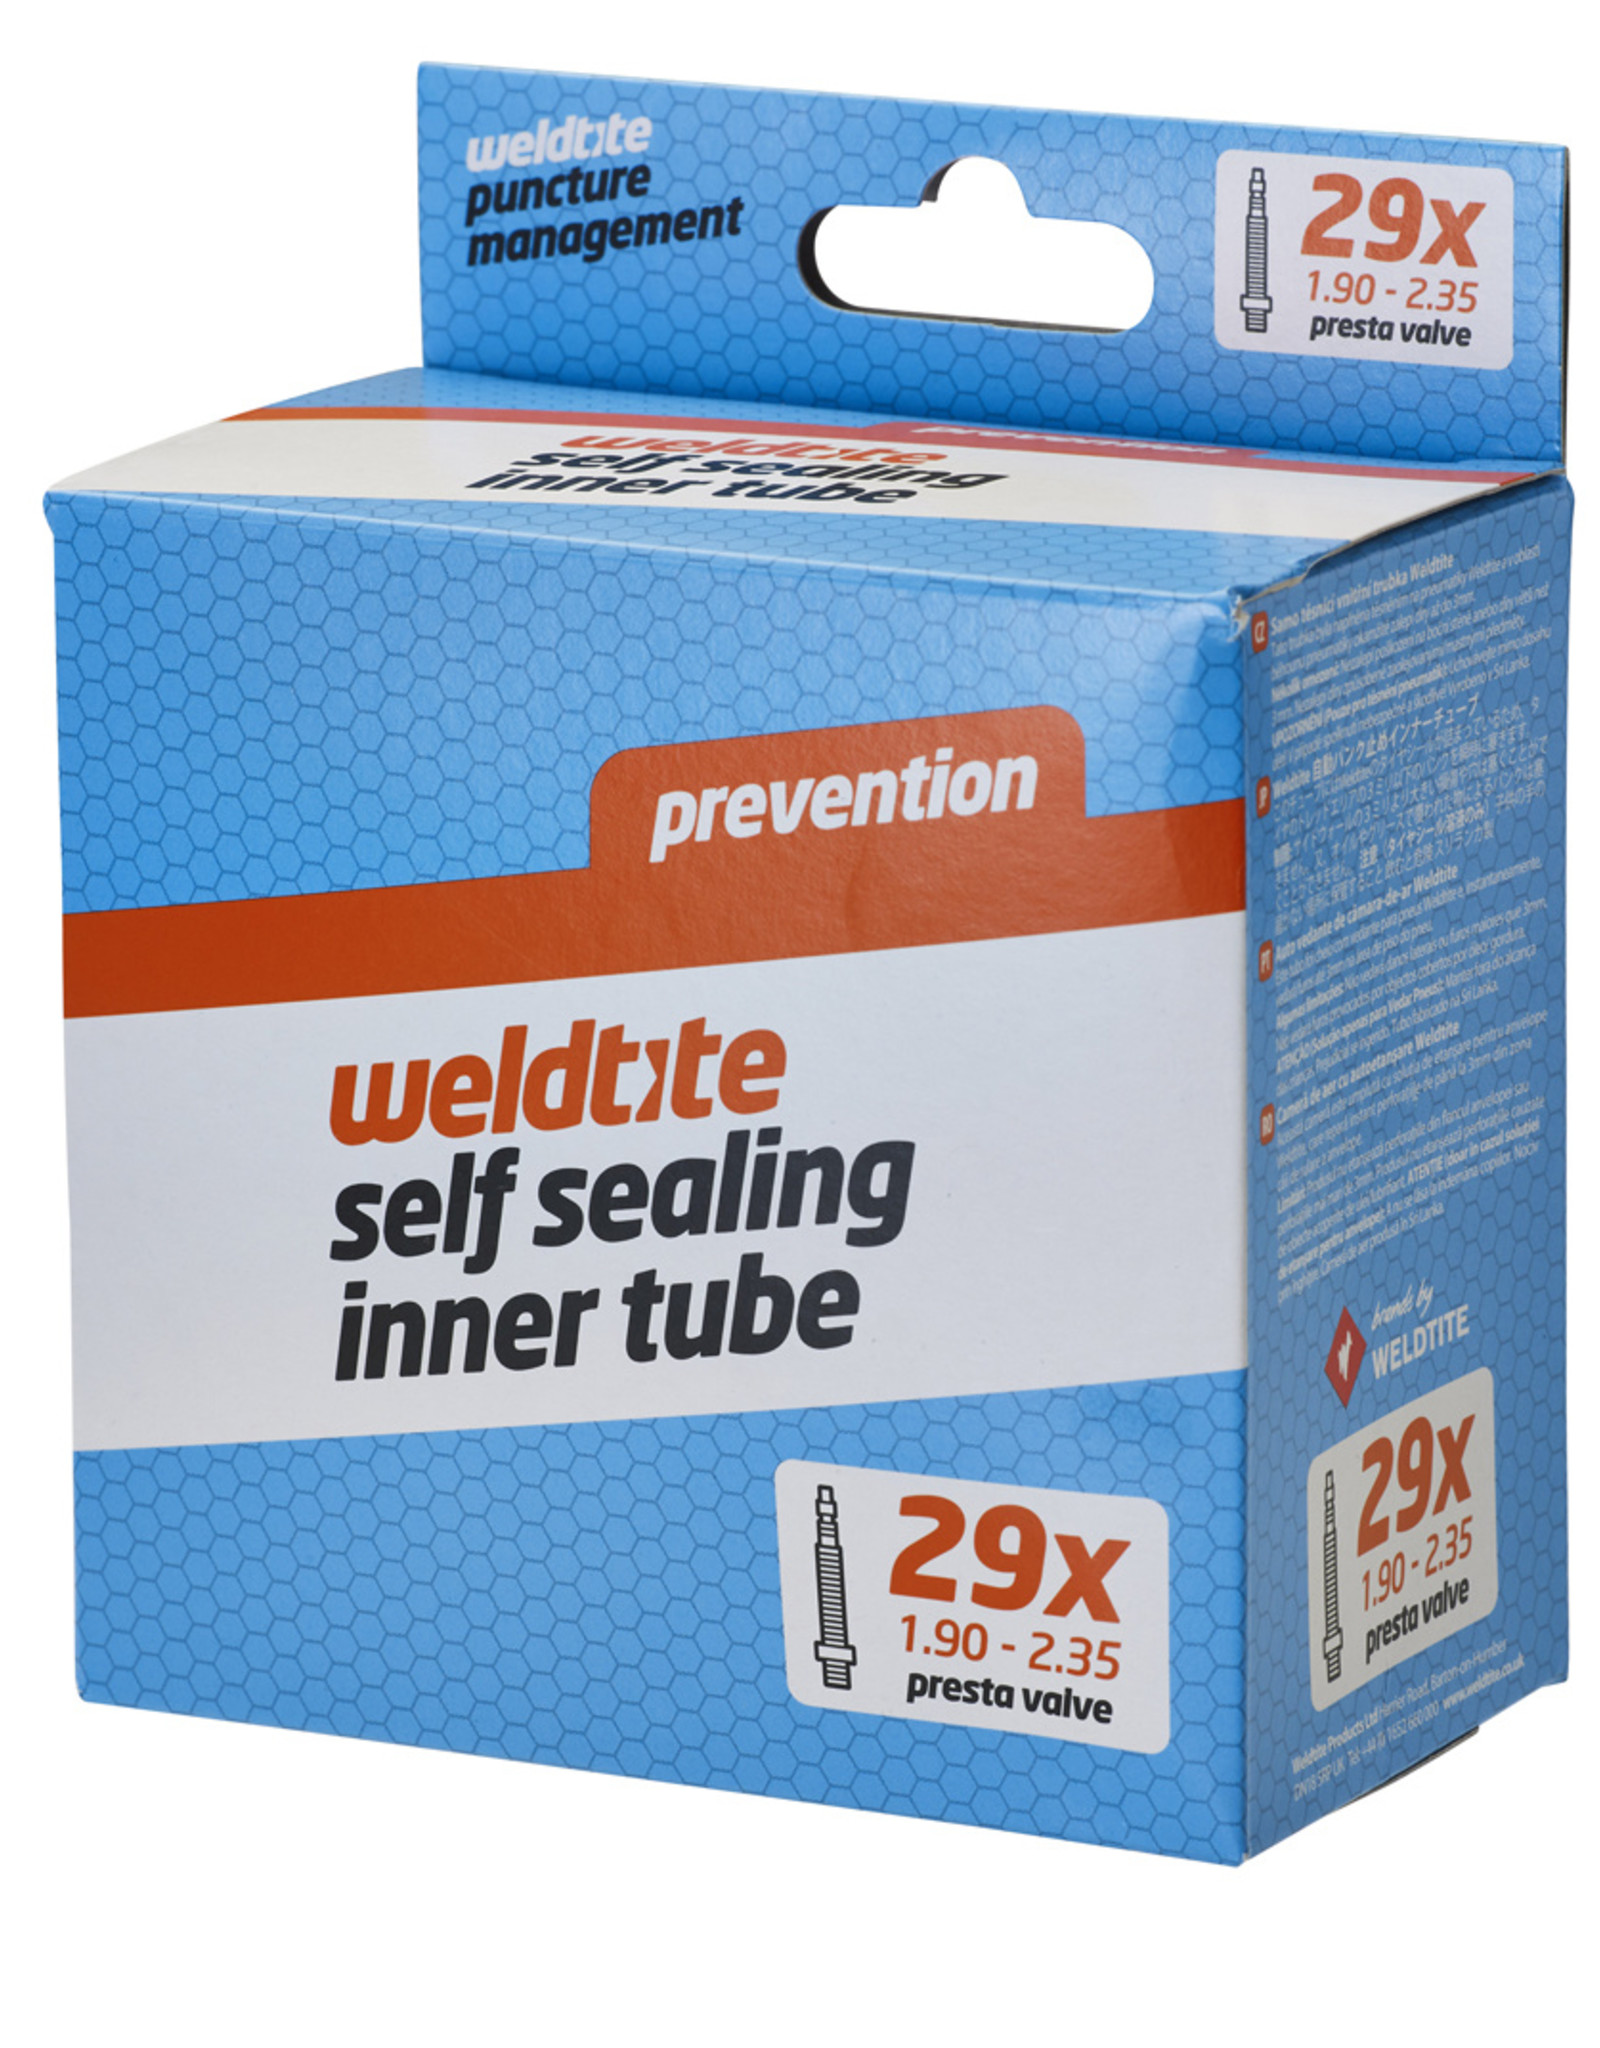 Weldtite Self Sealing Inner Tube - 29 x 1.90 - 2.35��� - Presta